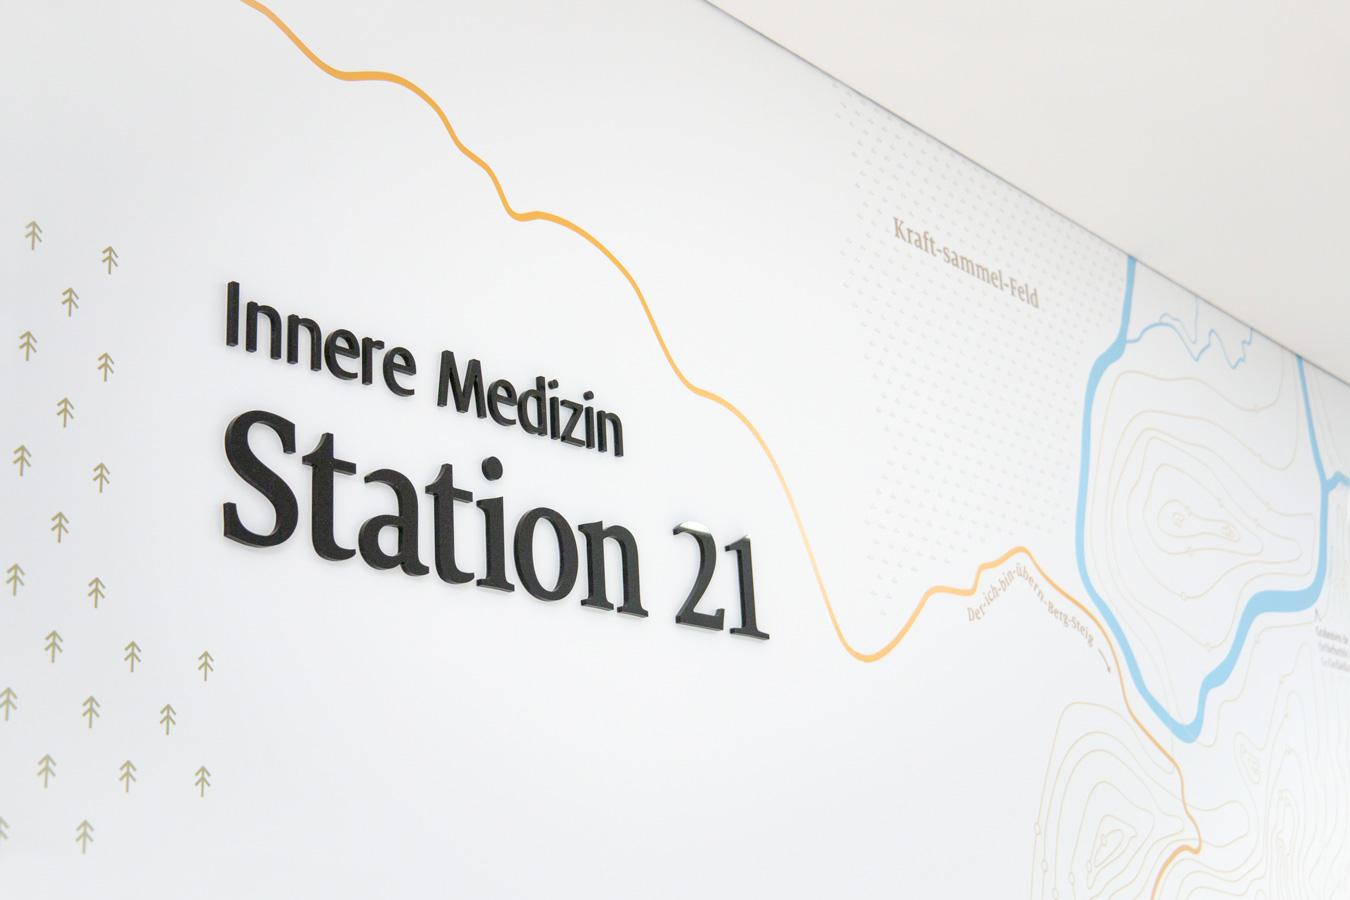 Wandansicht Station Innere Medizin mit Landkarte illustriert auf der Wand